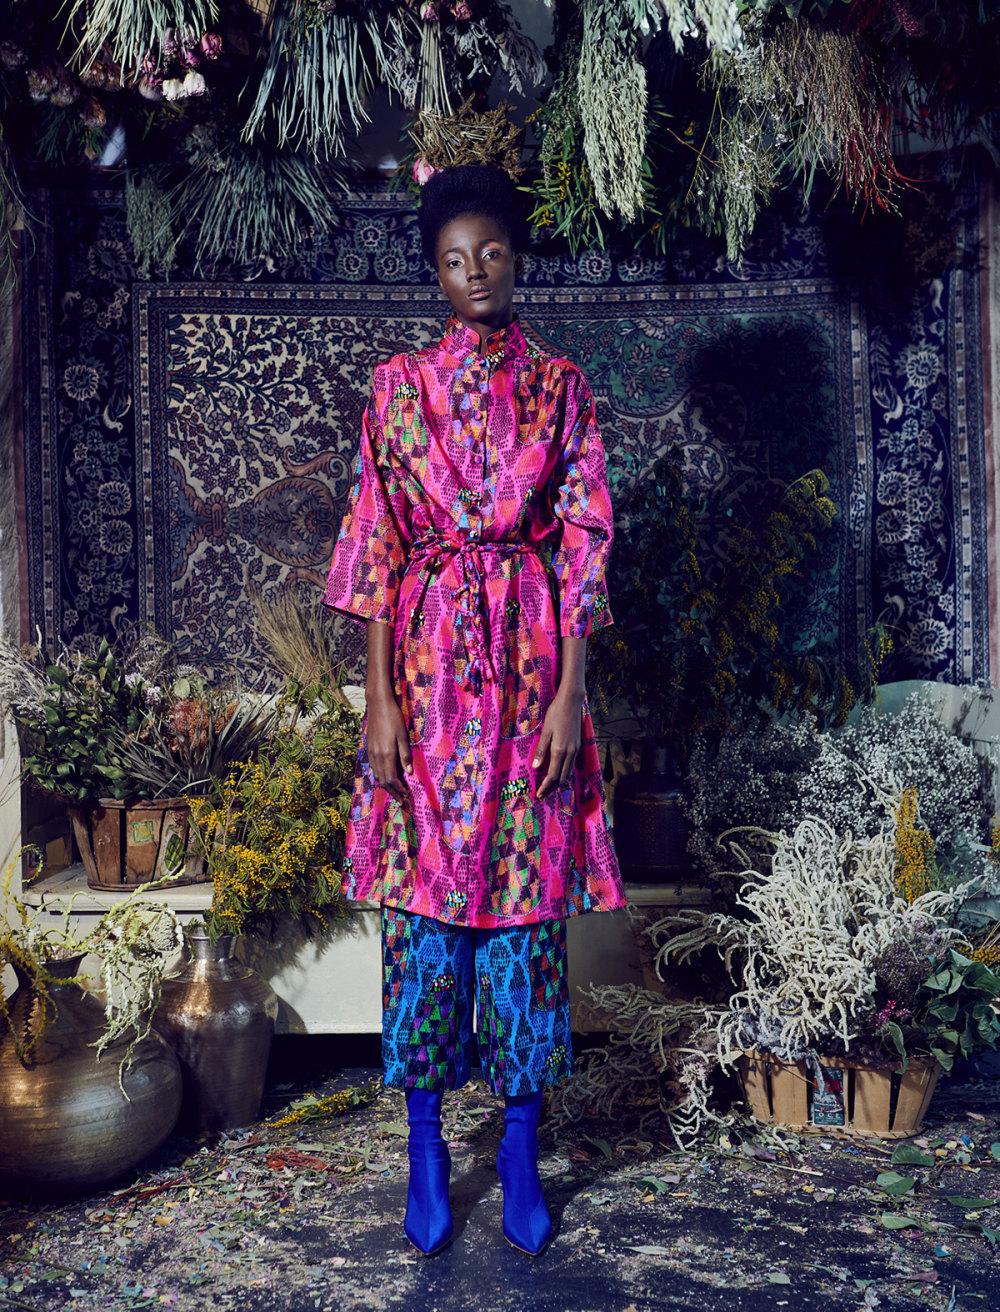 Rianna+Nina时装系列定制的夹克和金属光泽的七分裤定义未来主义-11.jpg